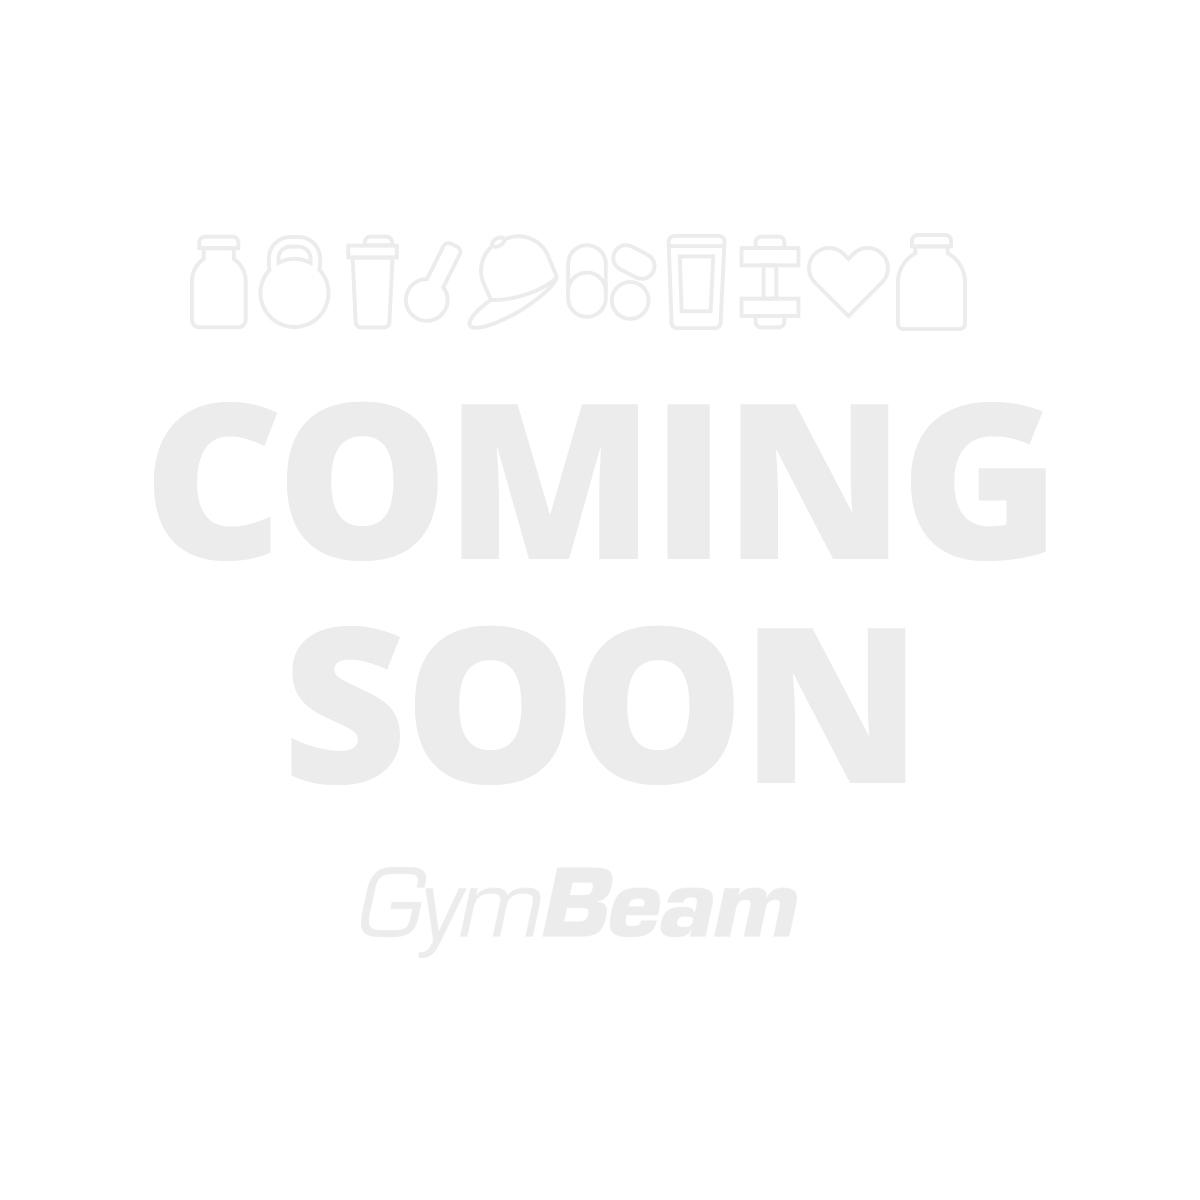 fair trade english